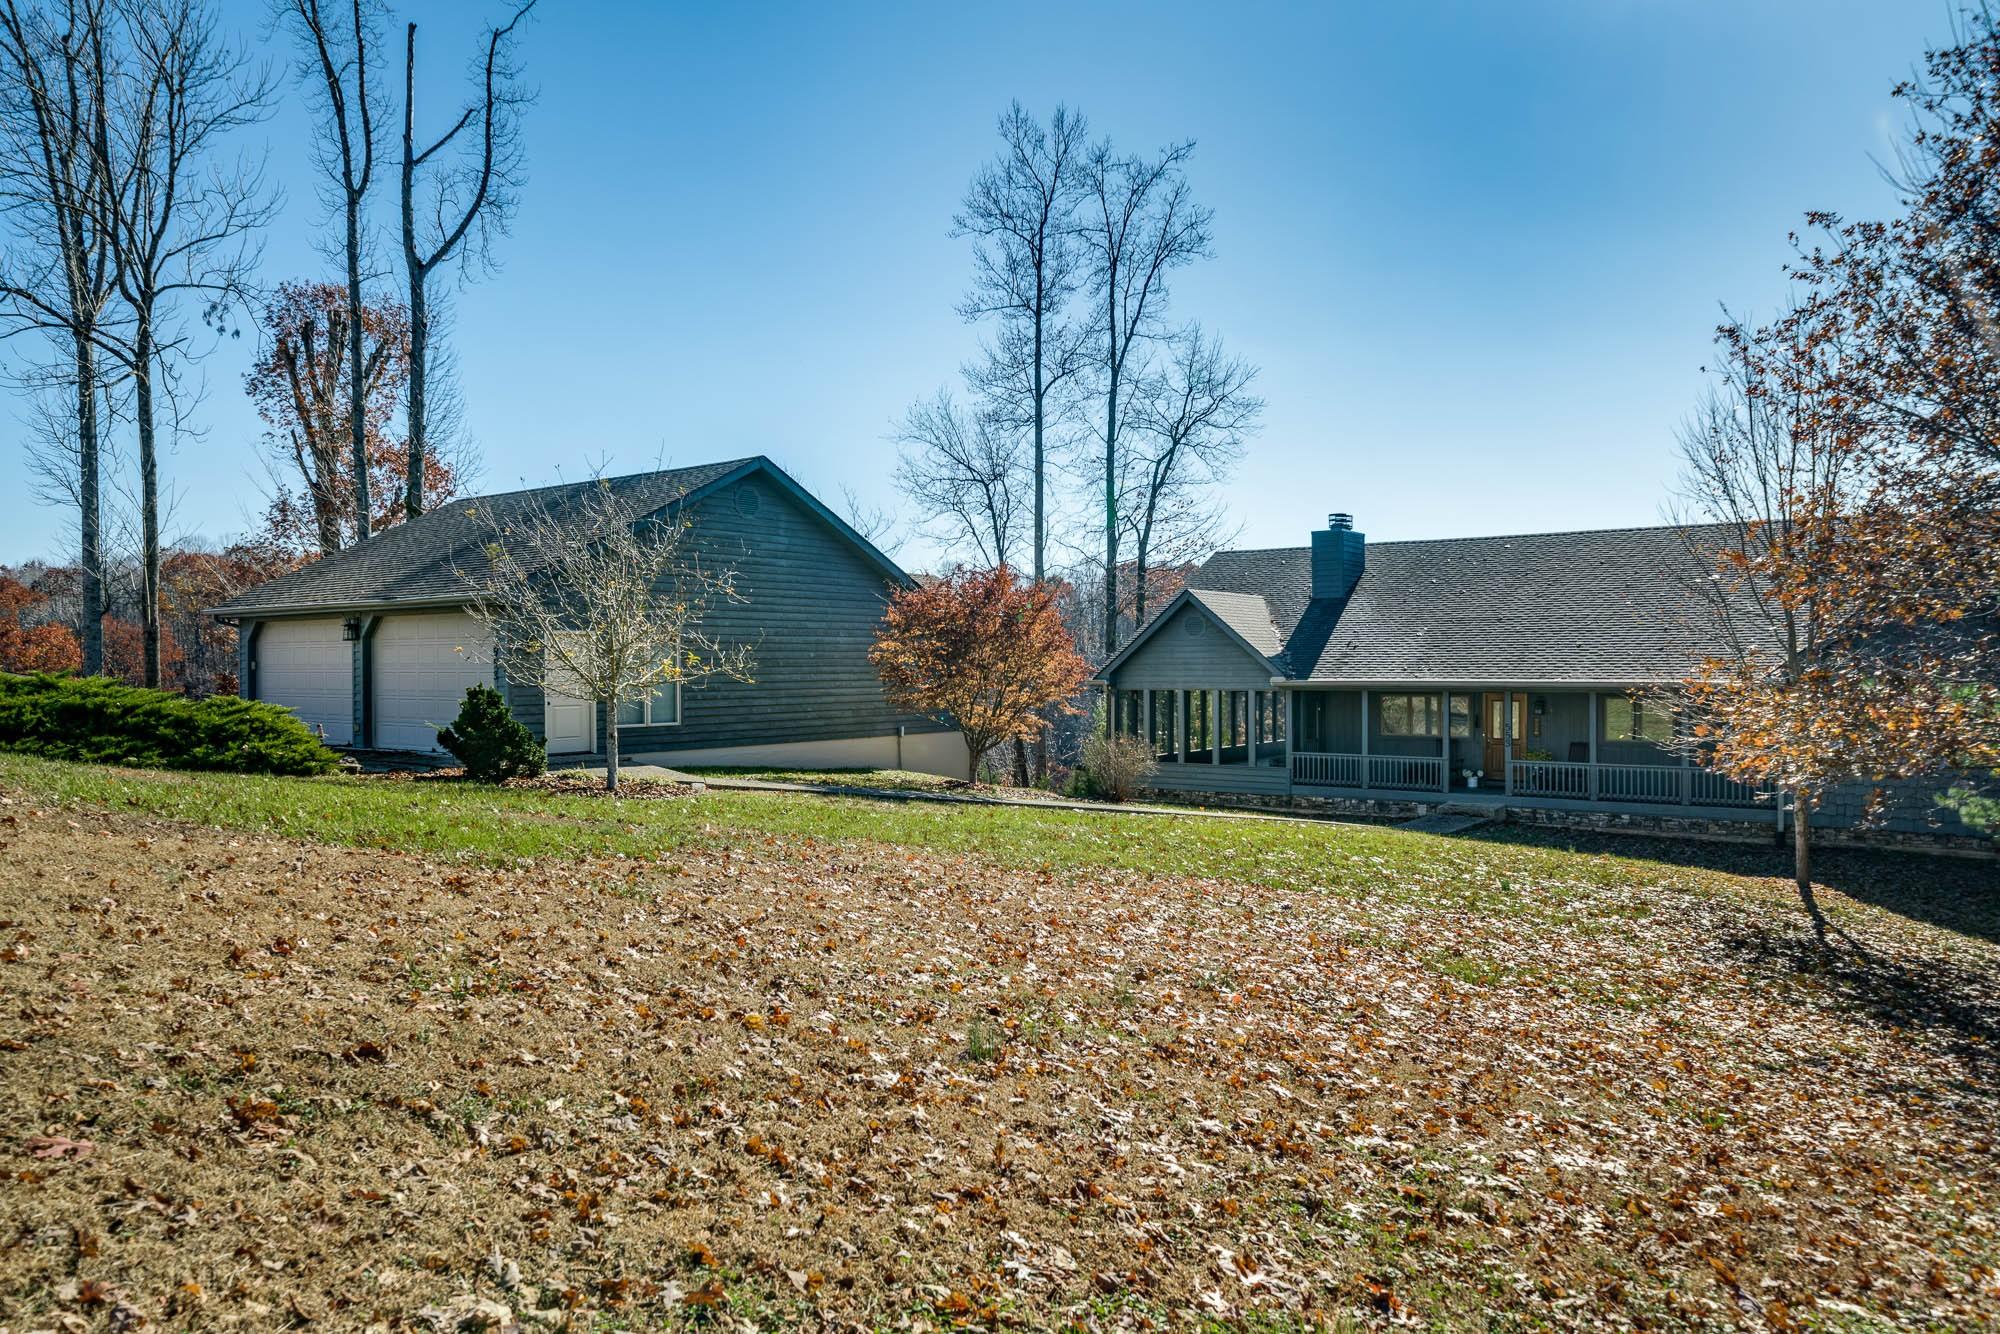 553 Mallard Pointe Drive, Byrdstown, TN 38549 - Byrdstown, TN real estate listing